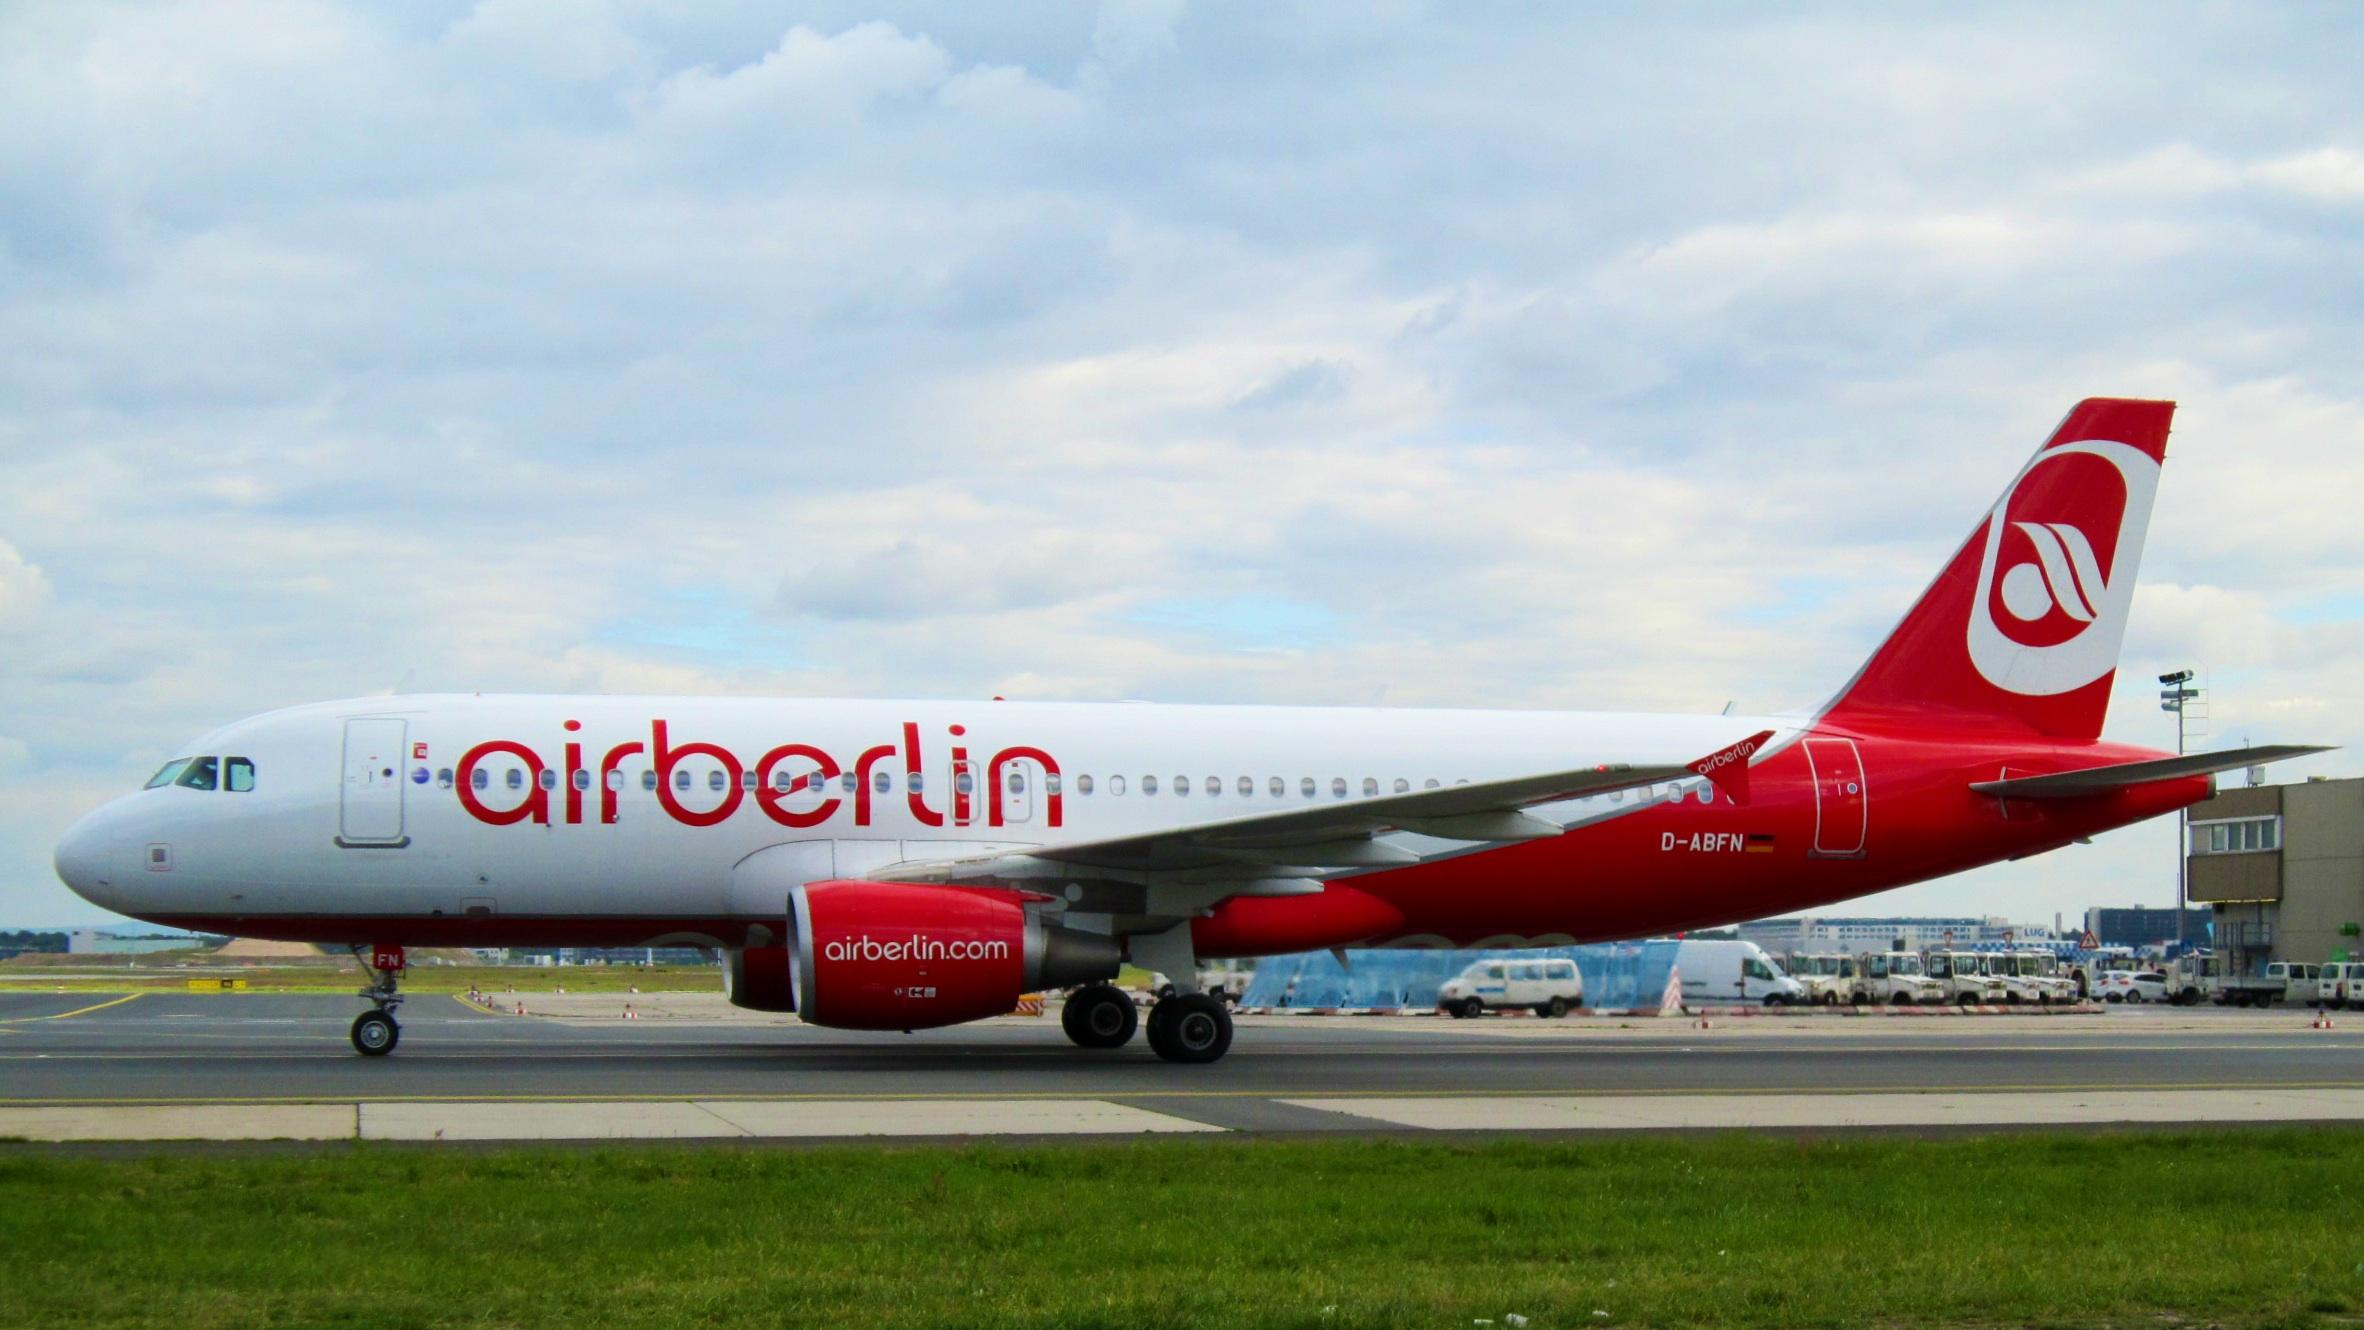 File:Air Berlin, Airbus A320-214, D-ABFN (14191432311).jpg